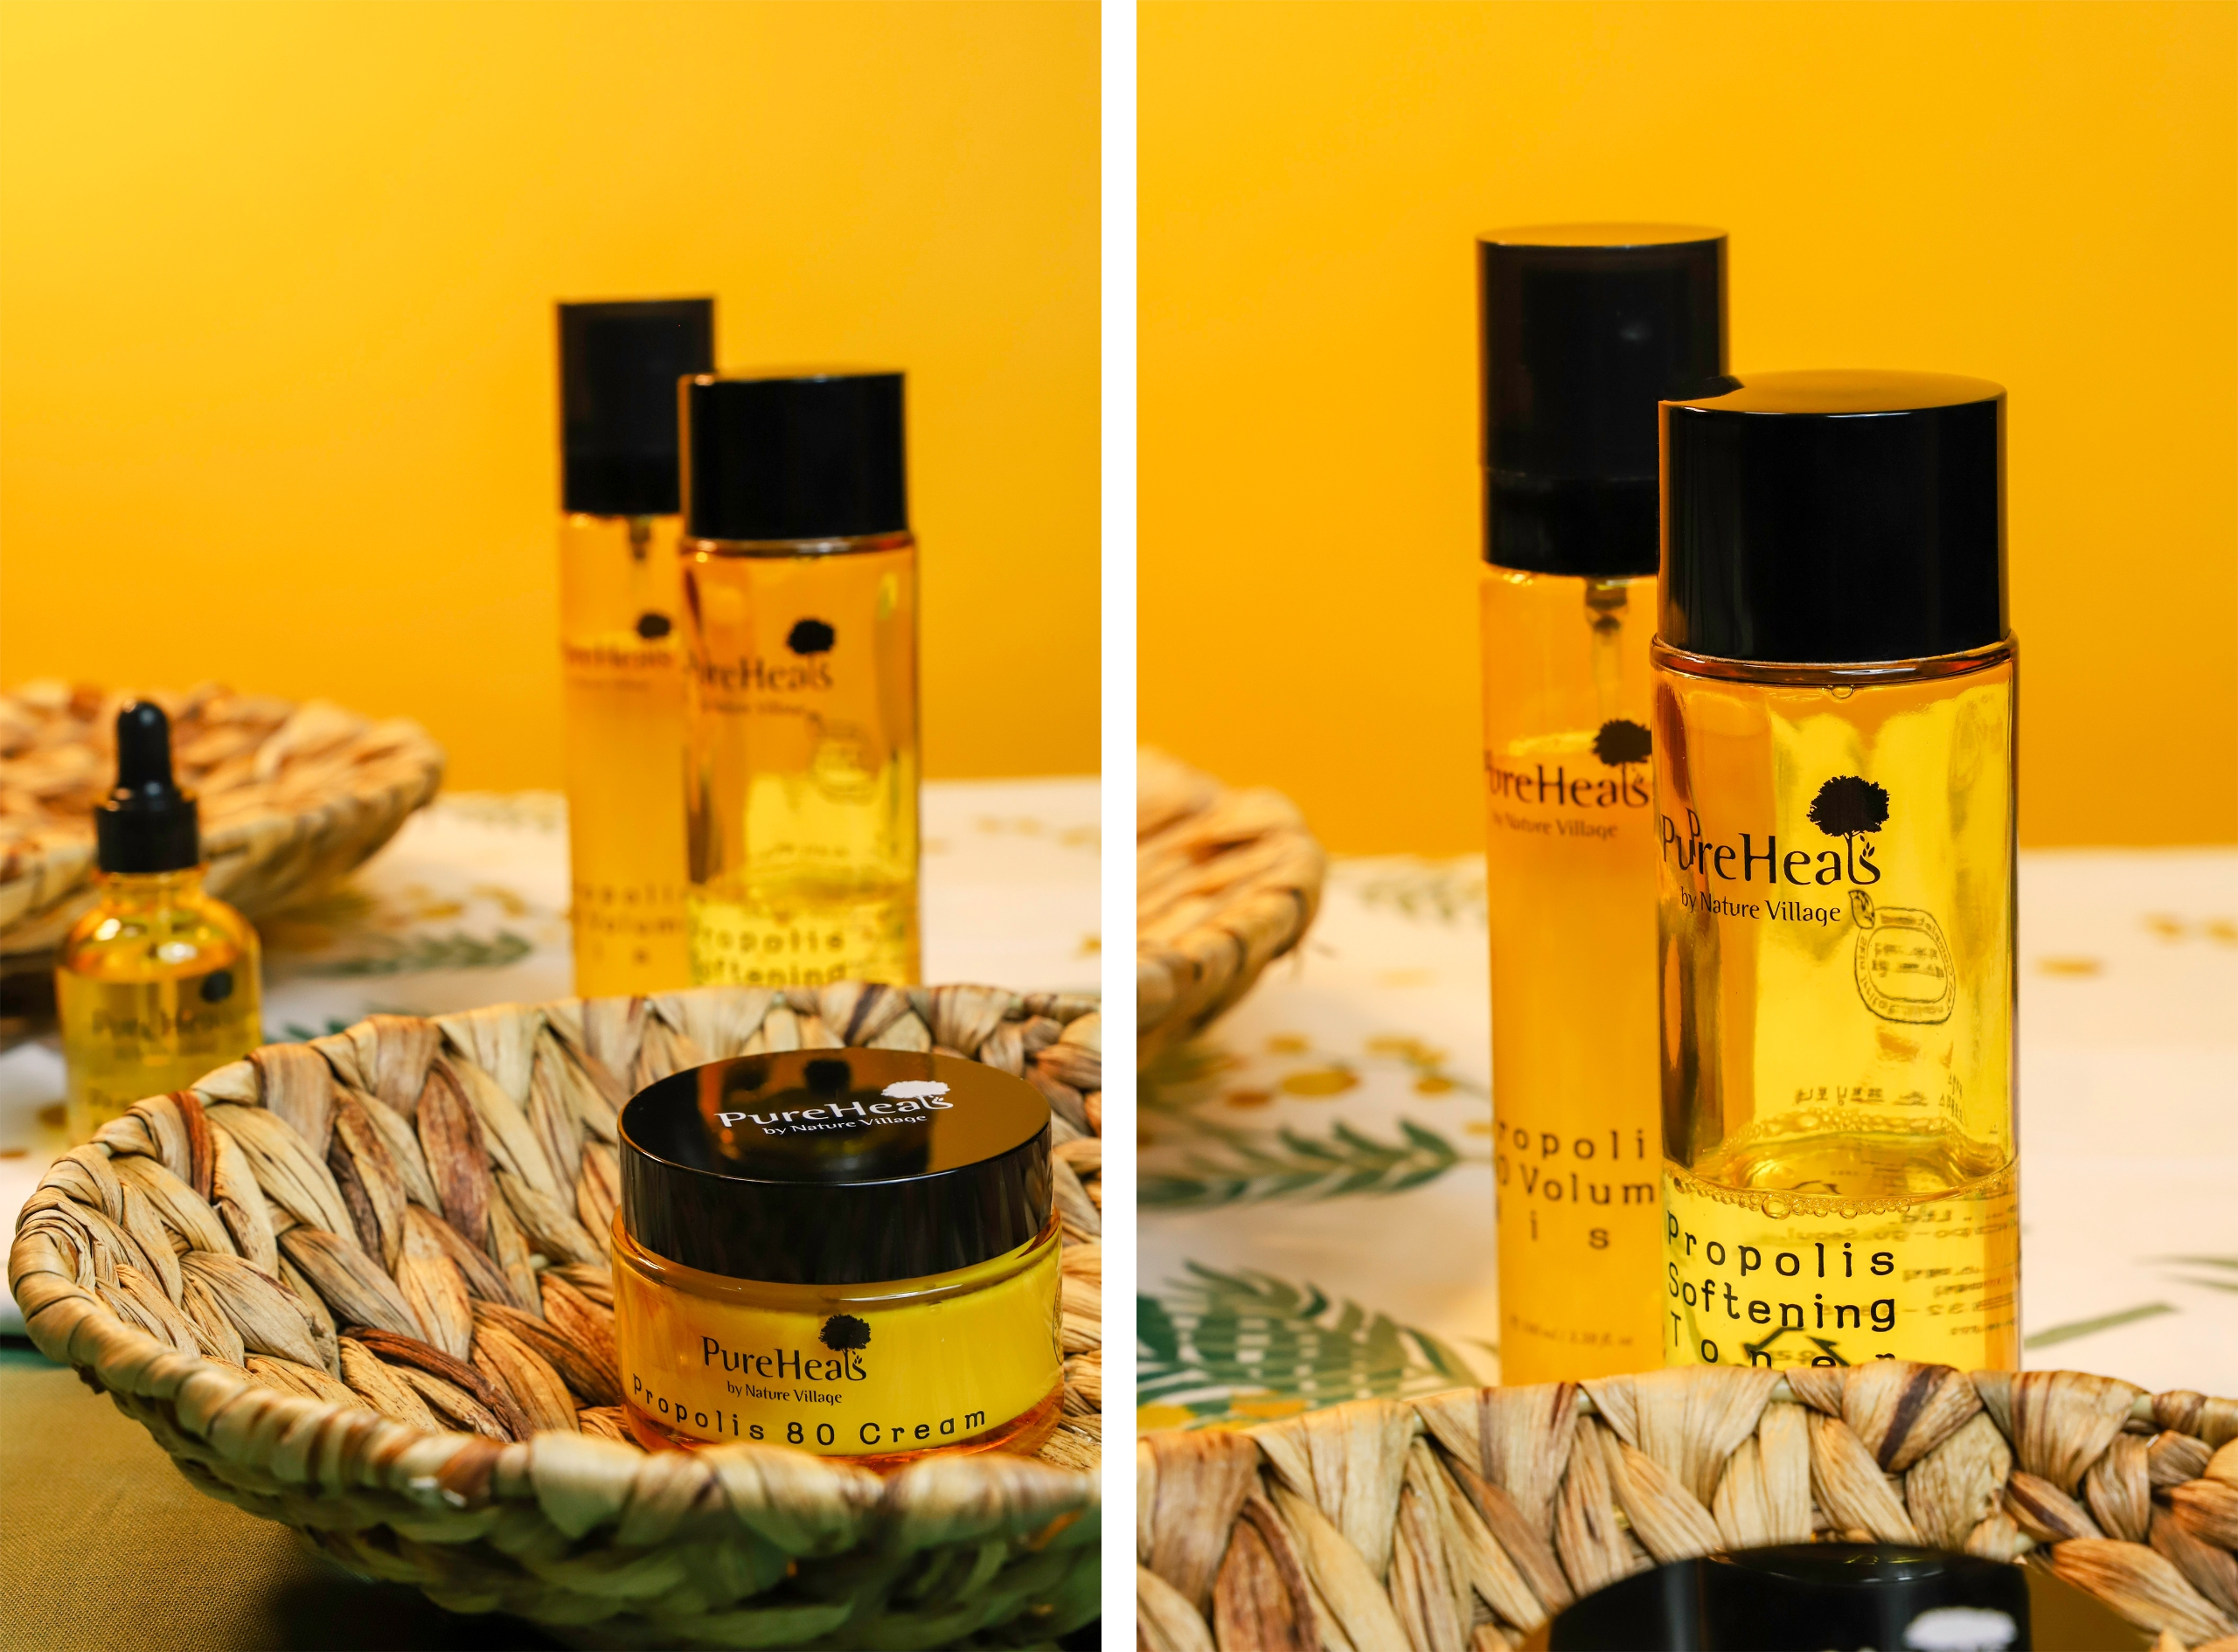 Obraz przedstawia dwa zdjęcia kosmetyków w żółtych buteleczkach na żółtym tle.